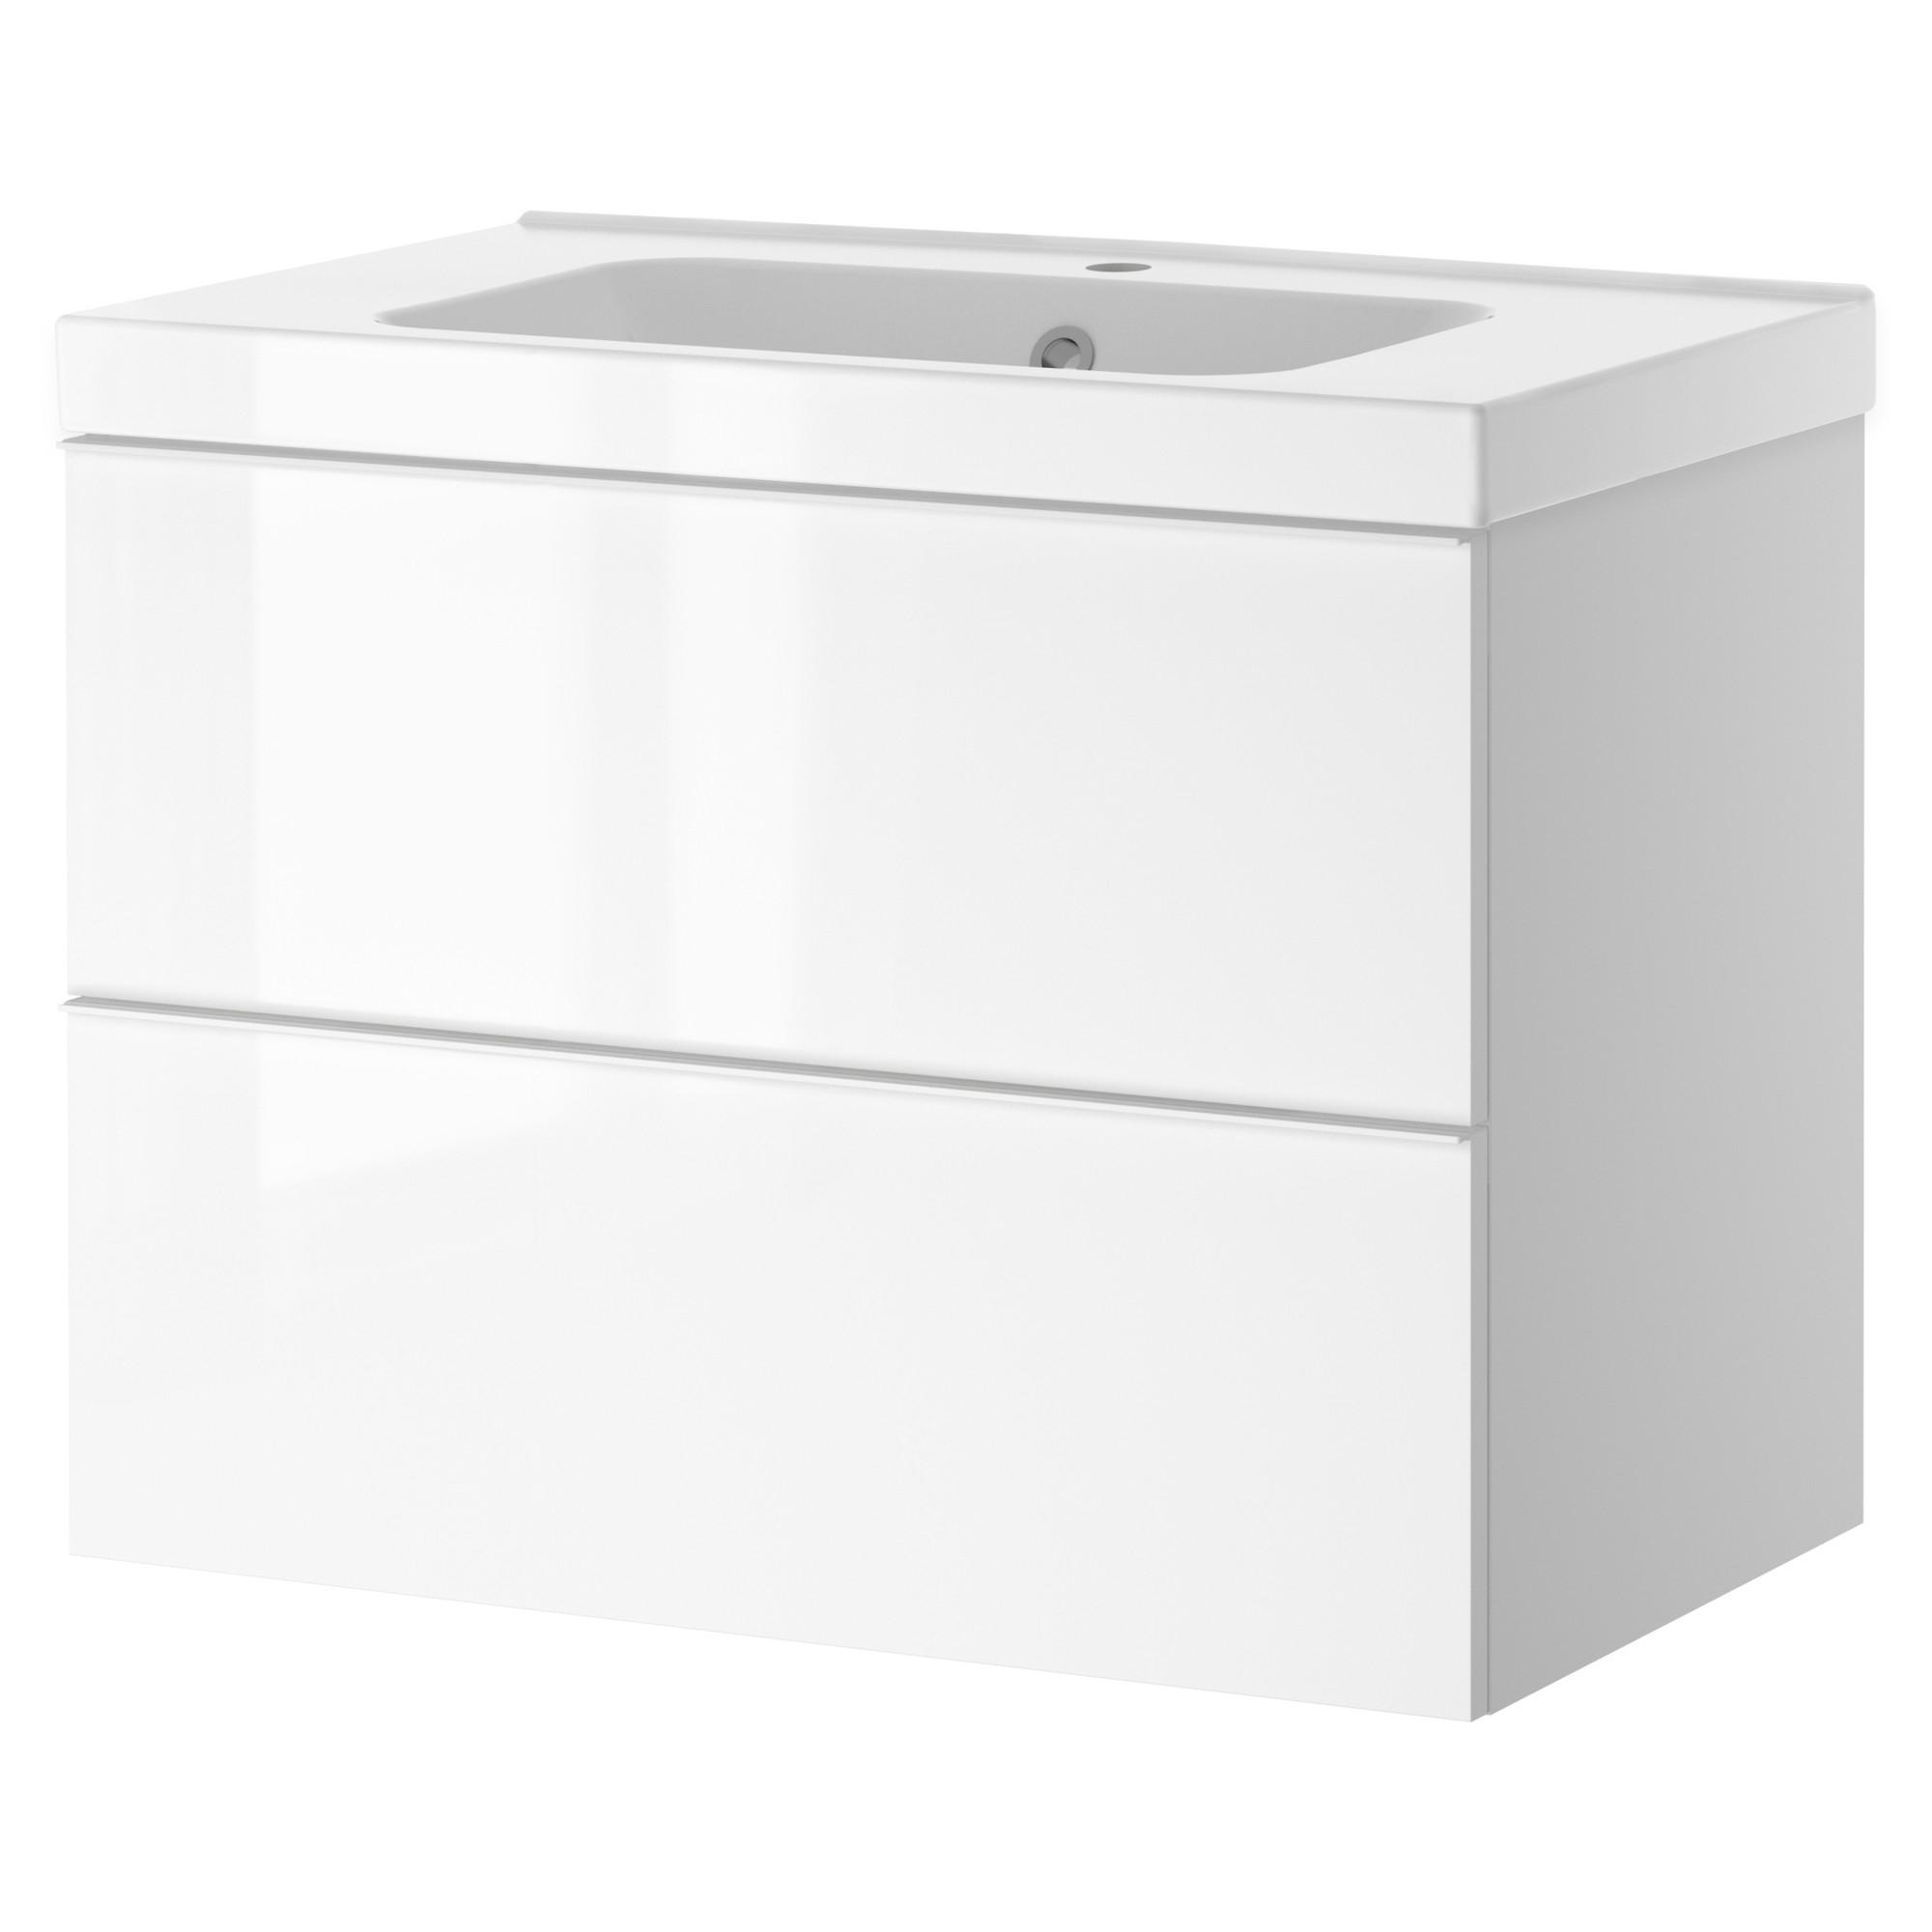 Godmorgon odensvik armario lavabo 2 cajones 60cm - Cajones armario ikea ...